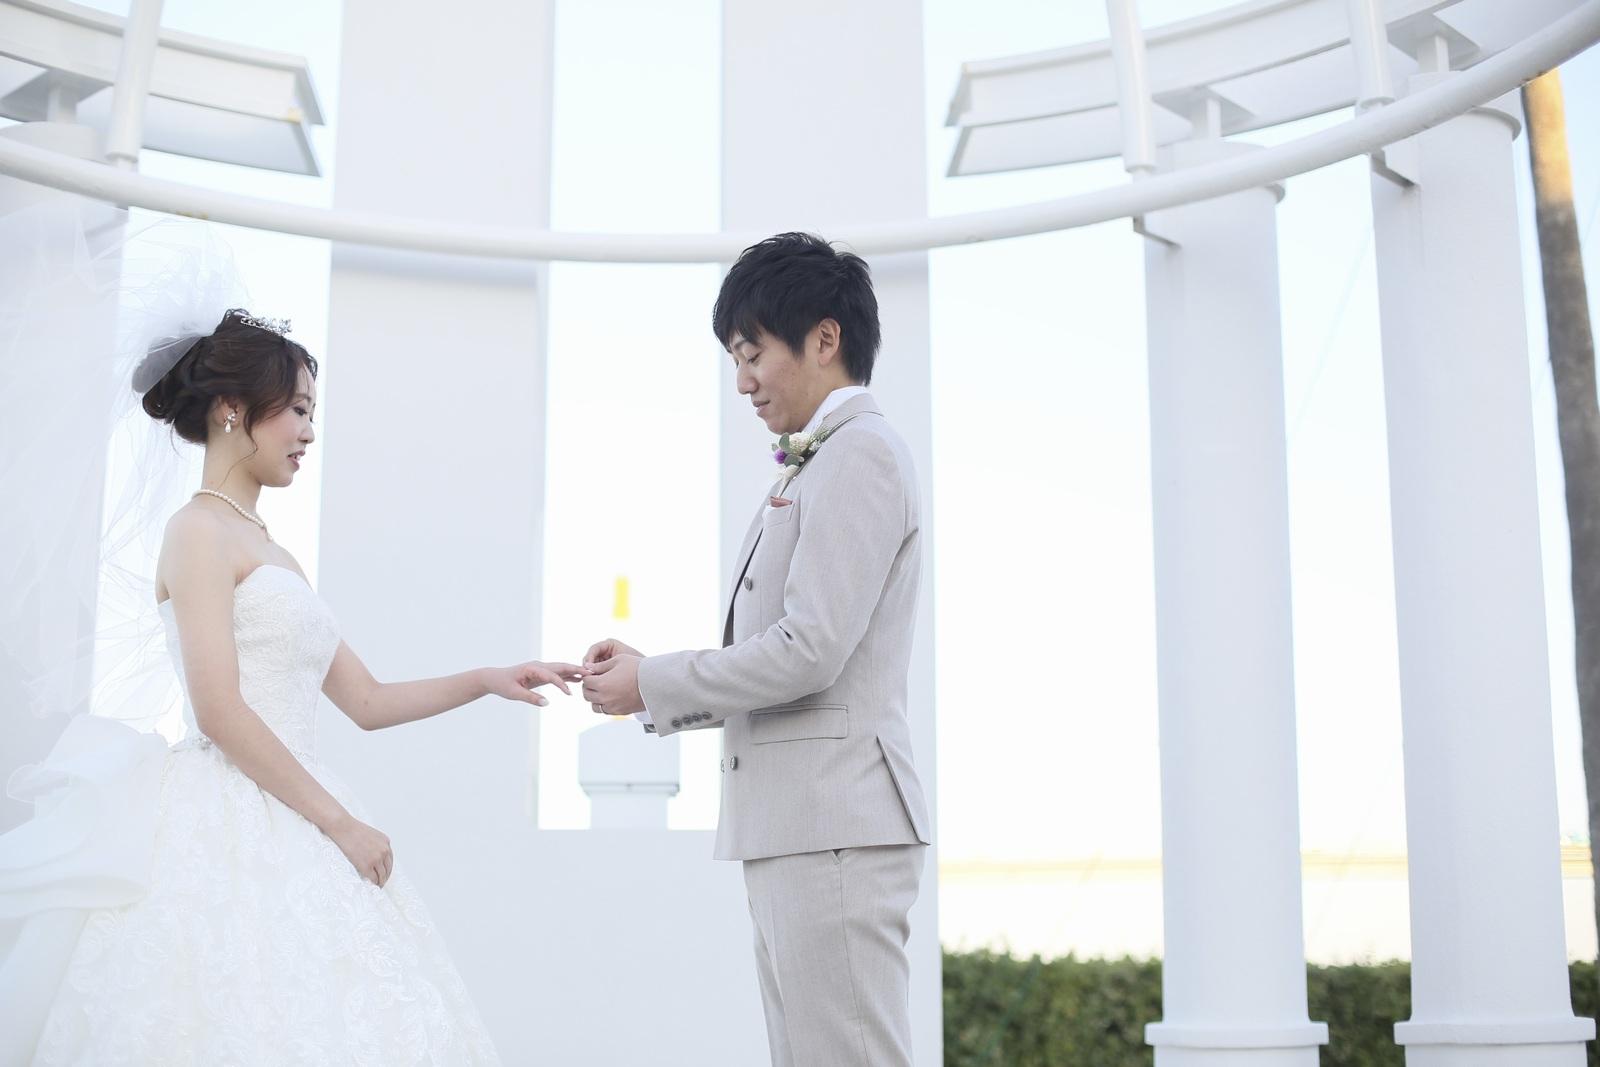 徳島市の結婚式場ブランアンジュでエンゲージカバーセレモニーを行う新郎新婦